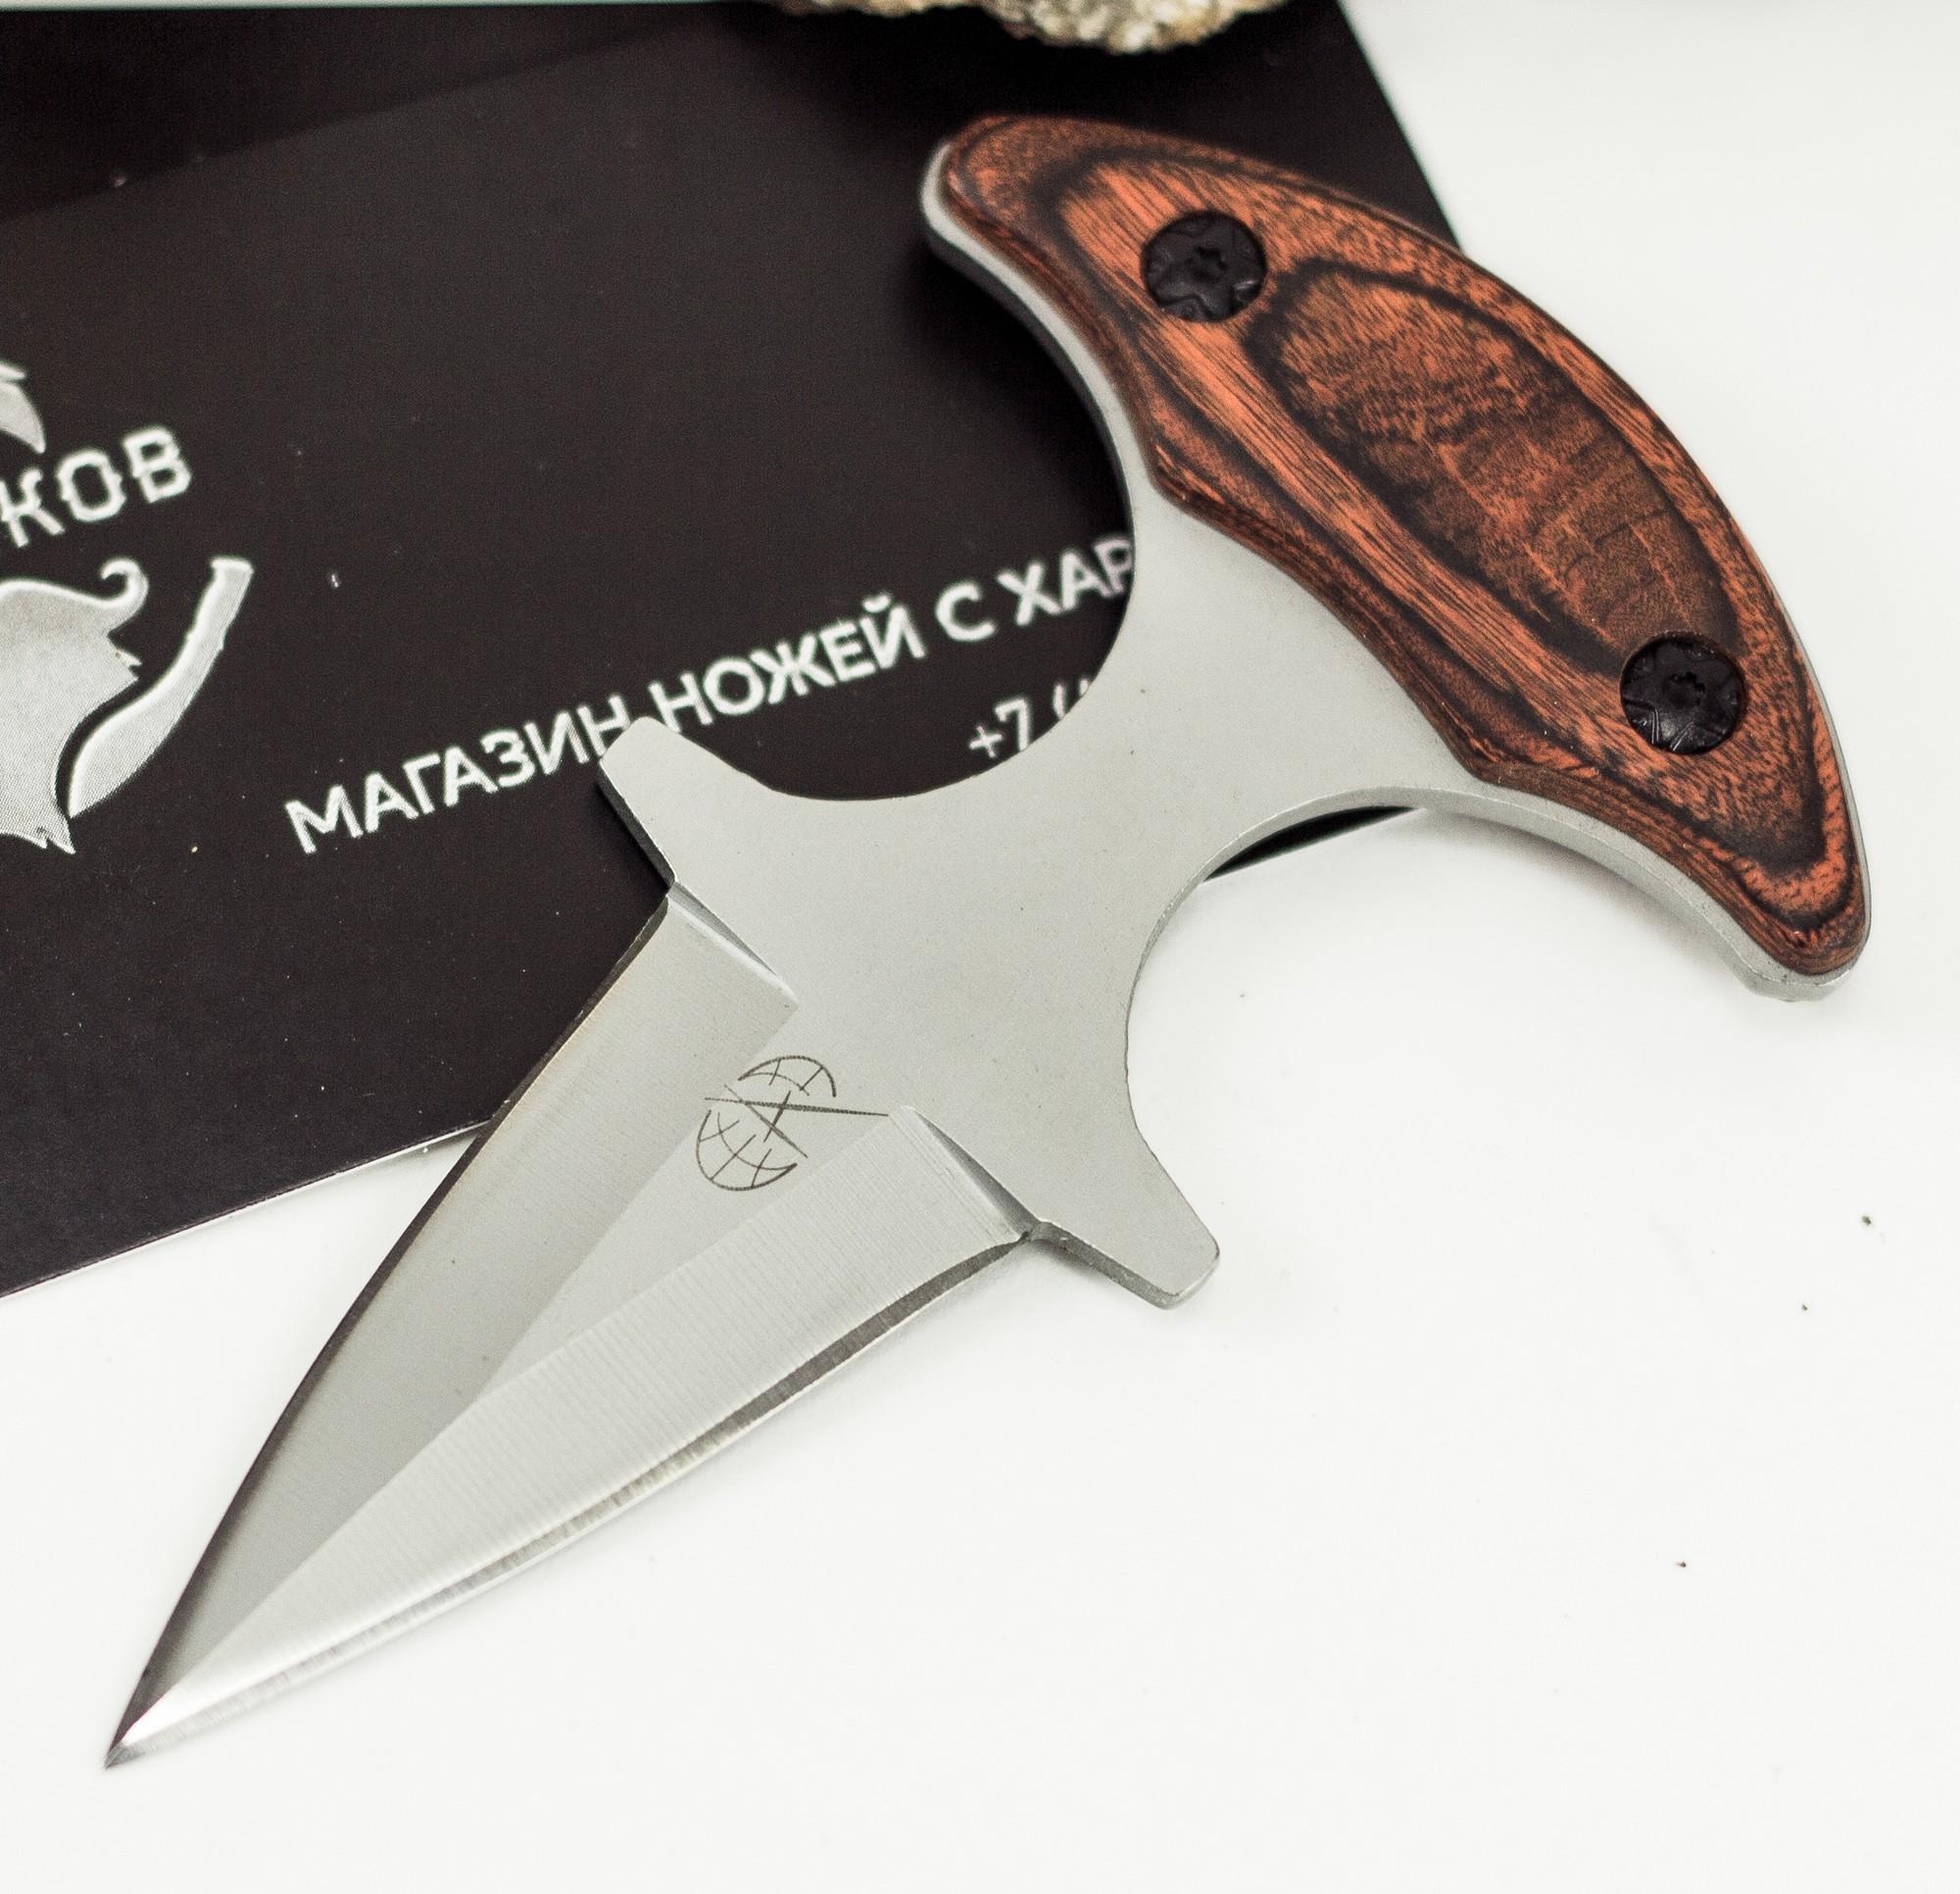 Тычковый нож F907 от Pirat